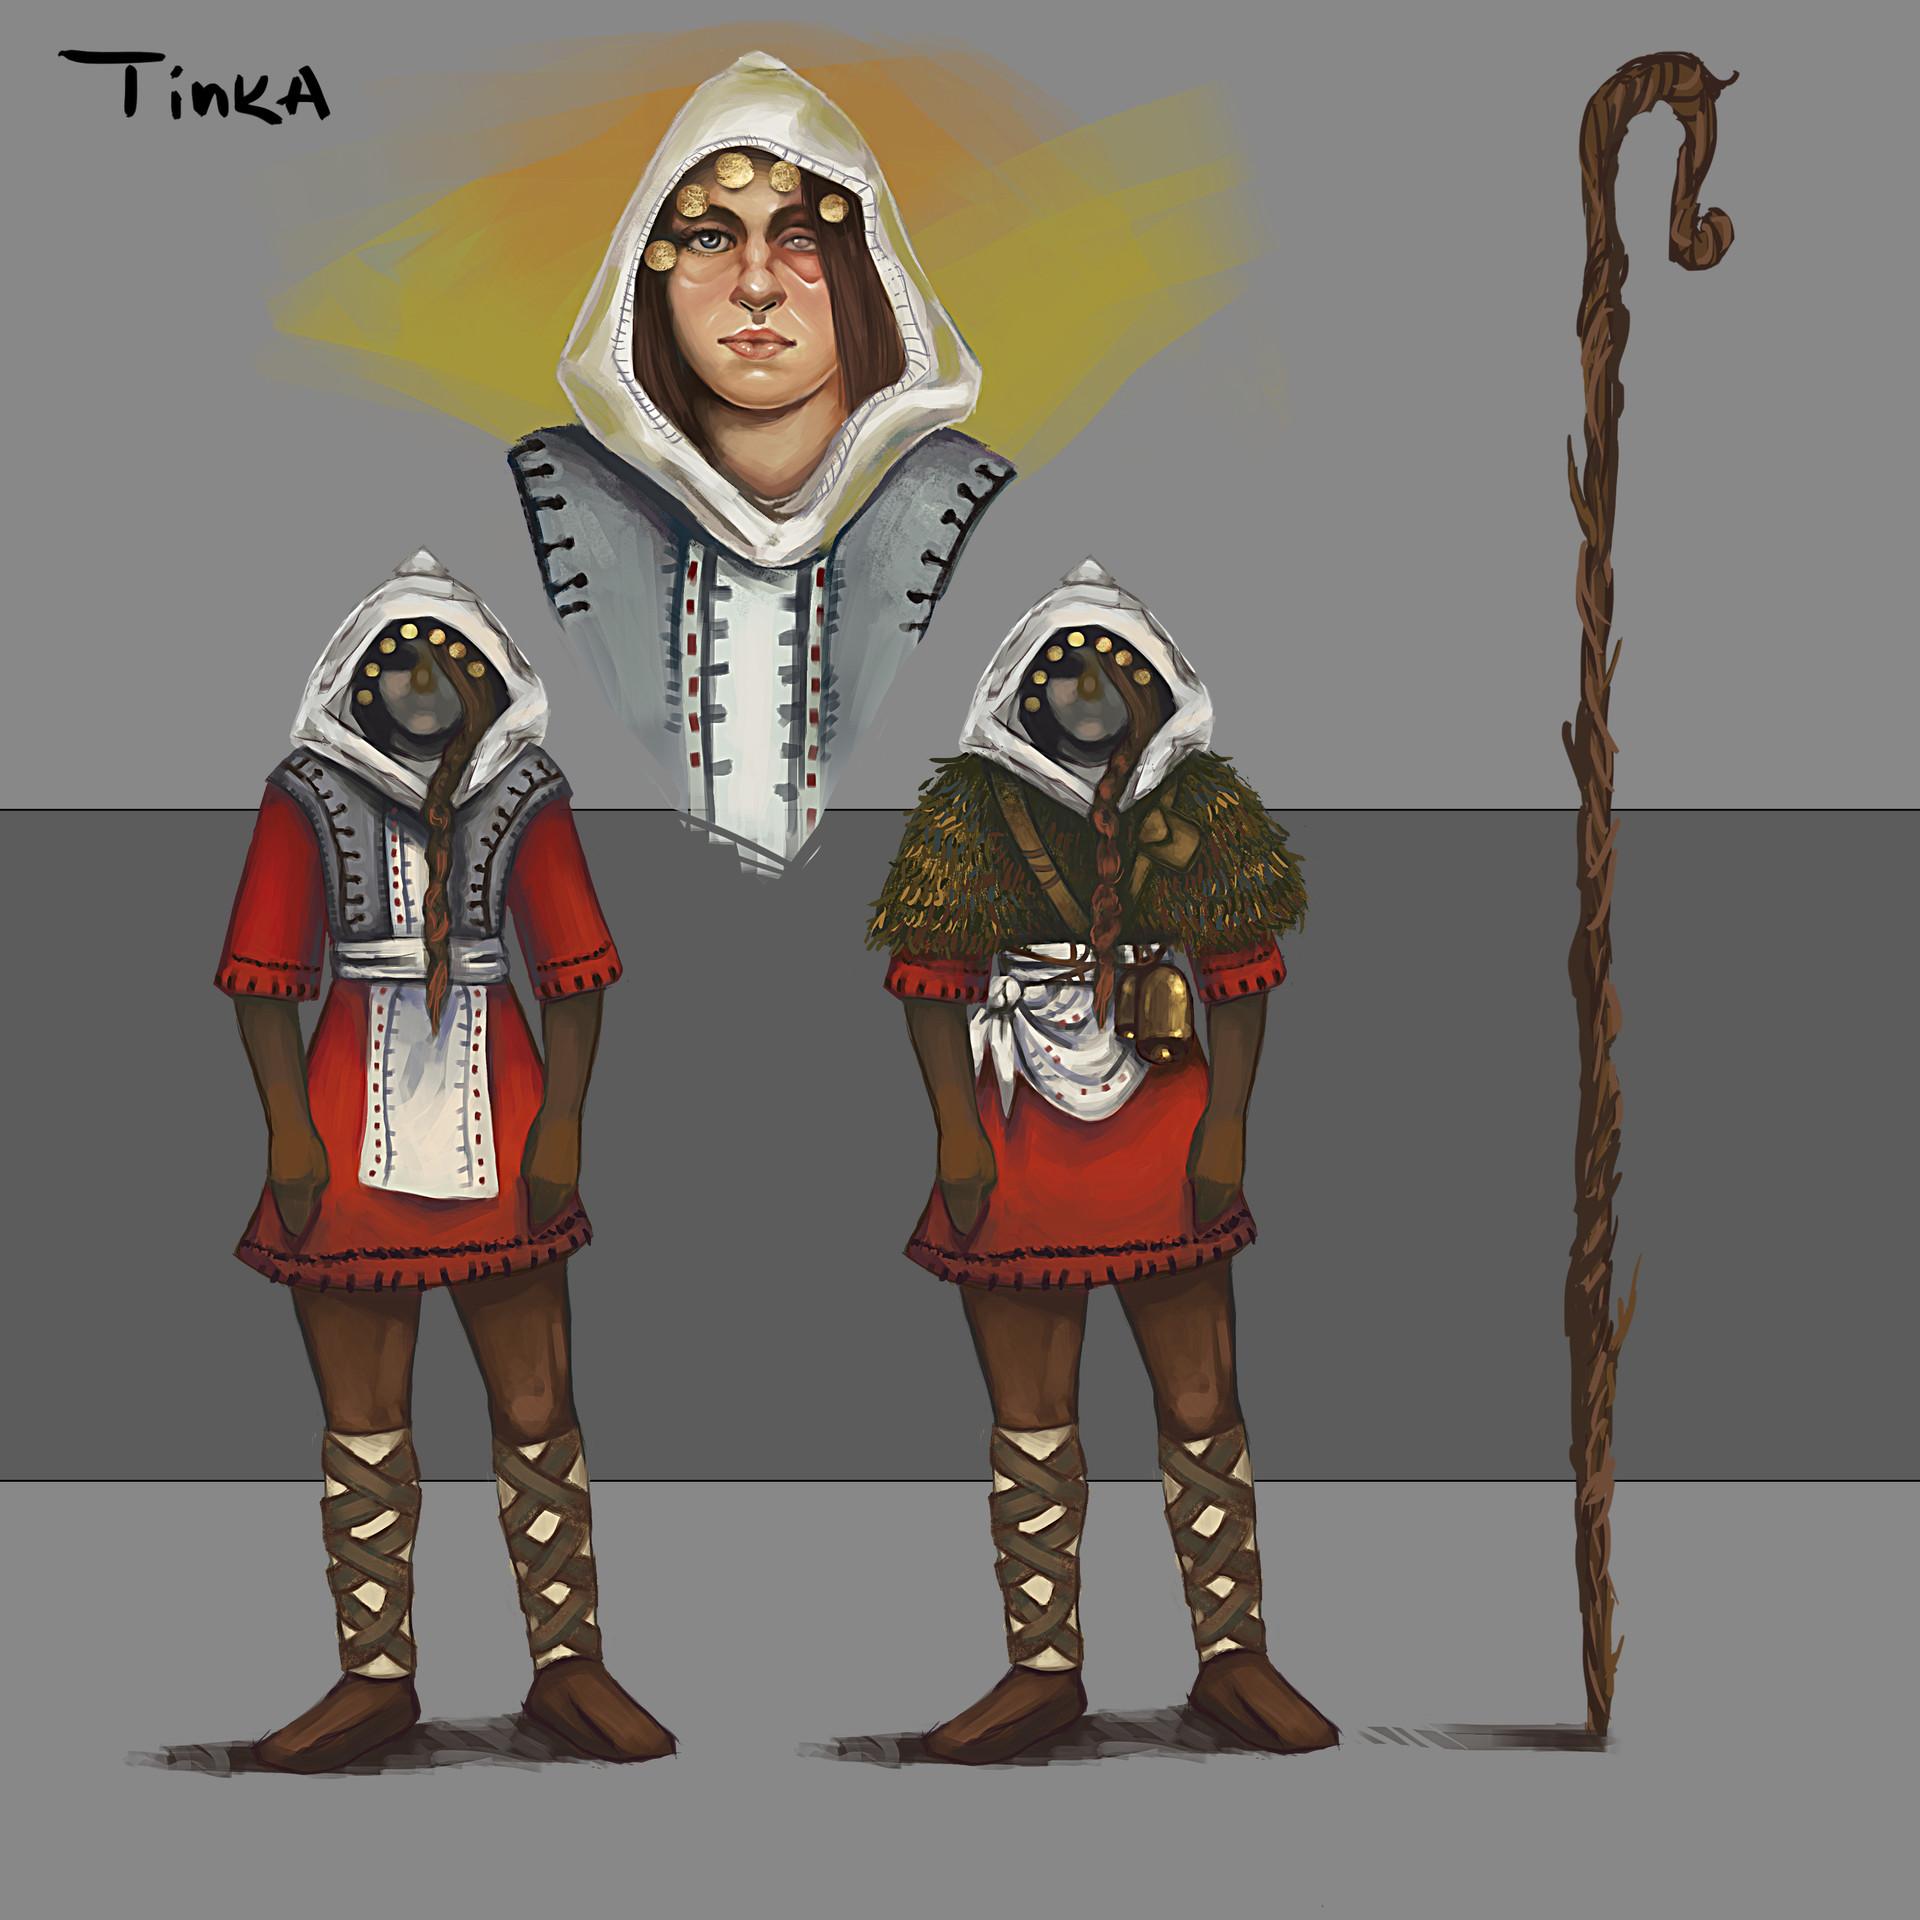 Teodora dimova tinkasheet2